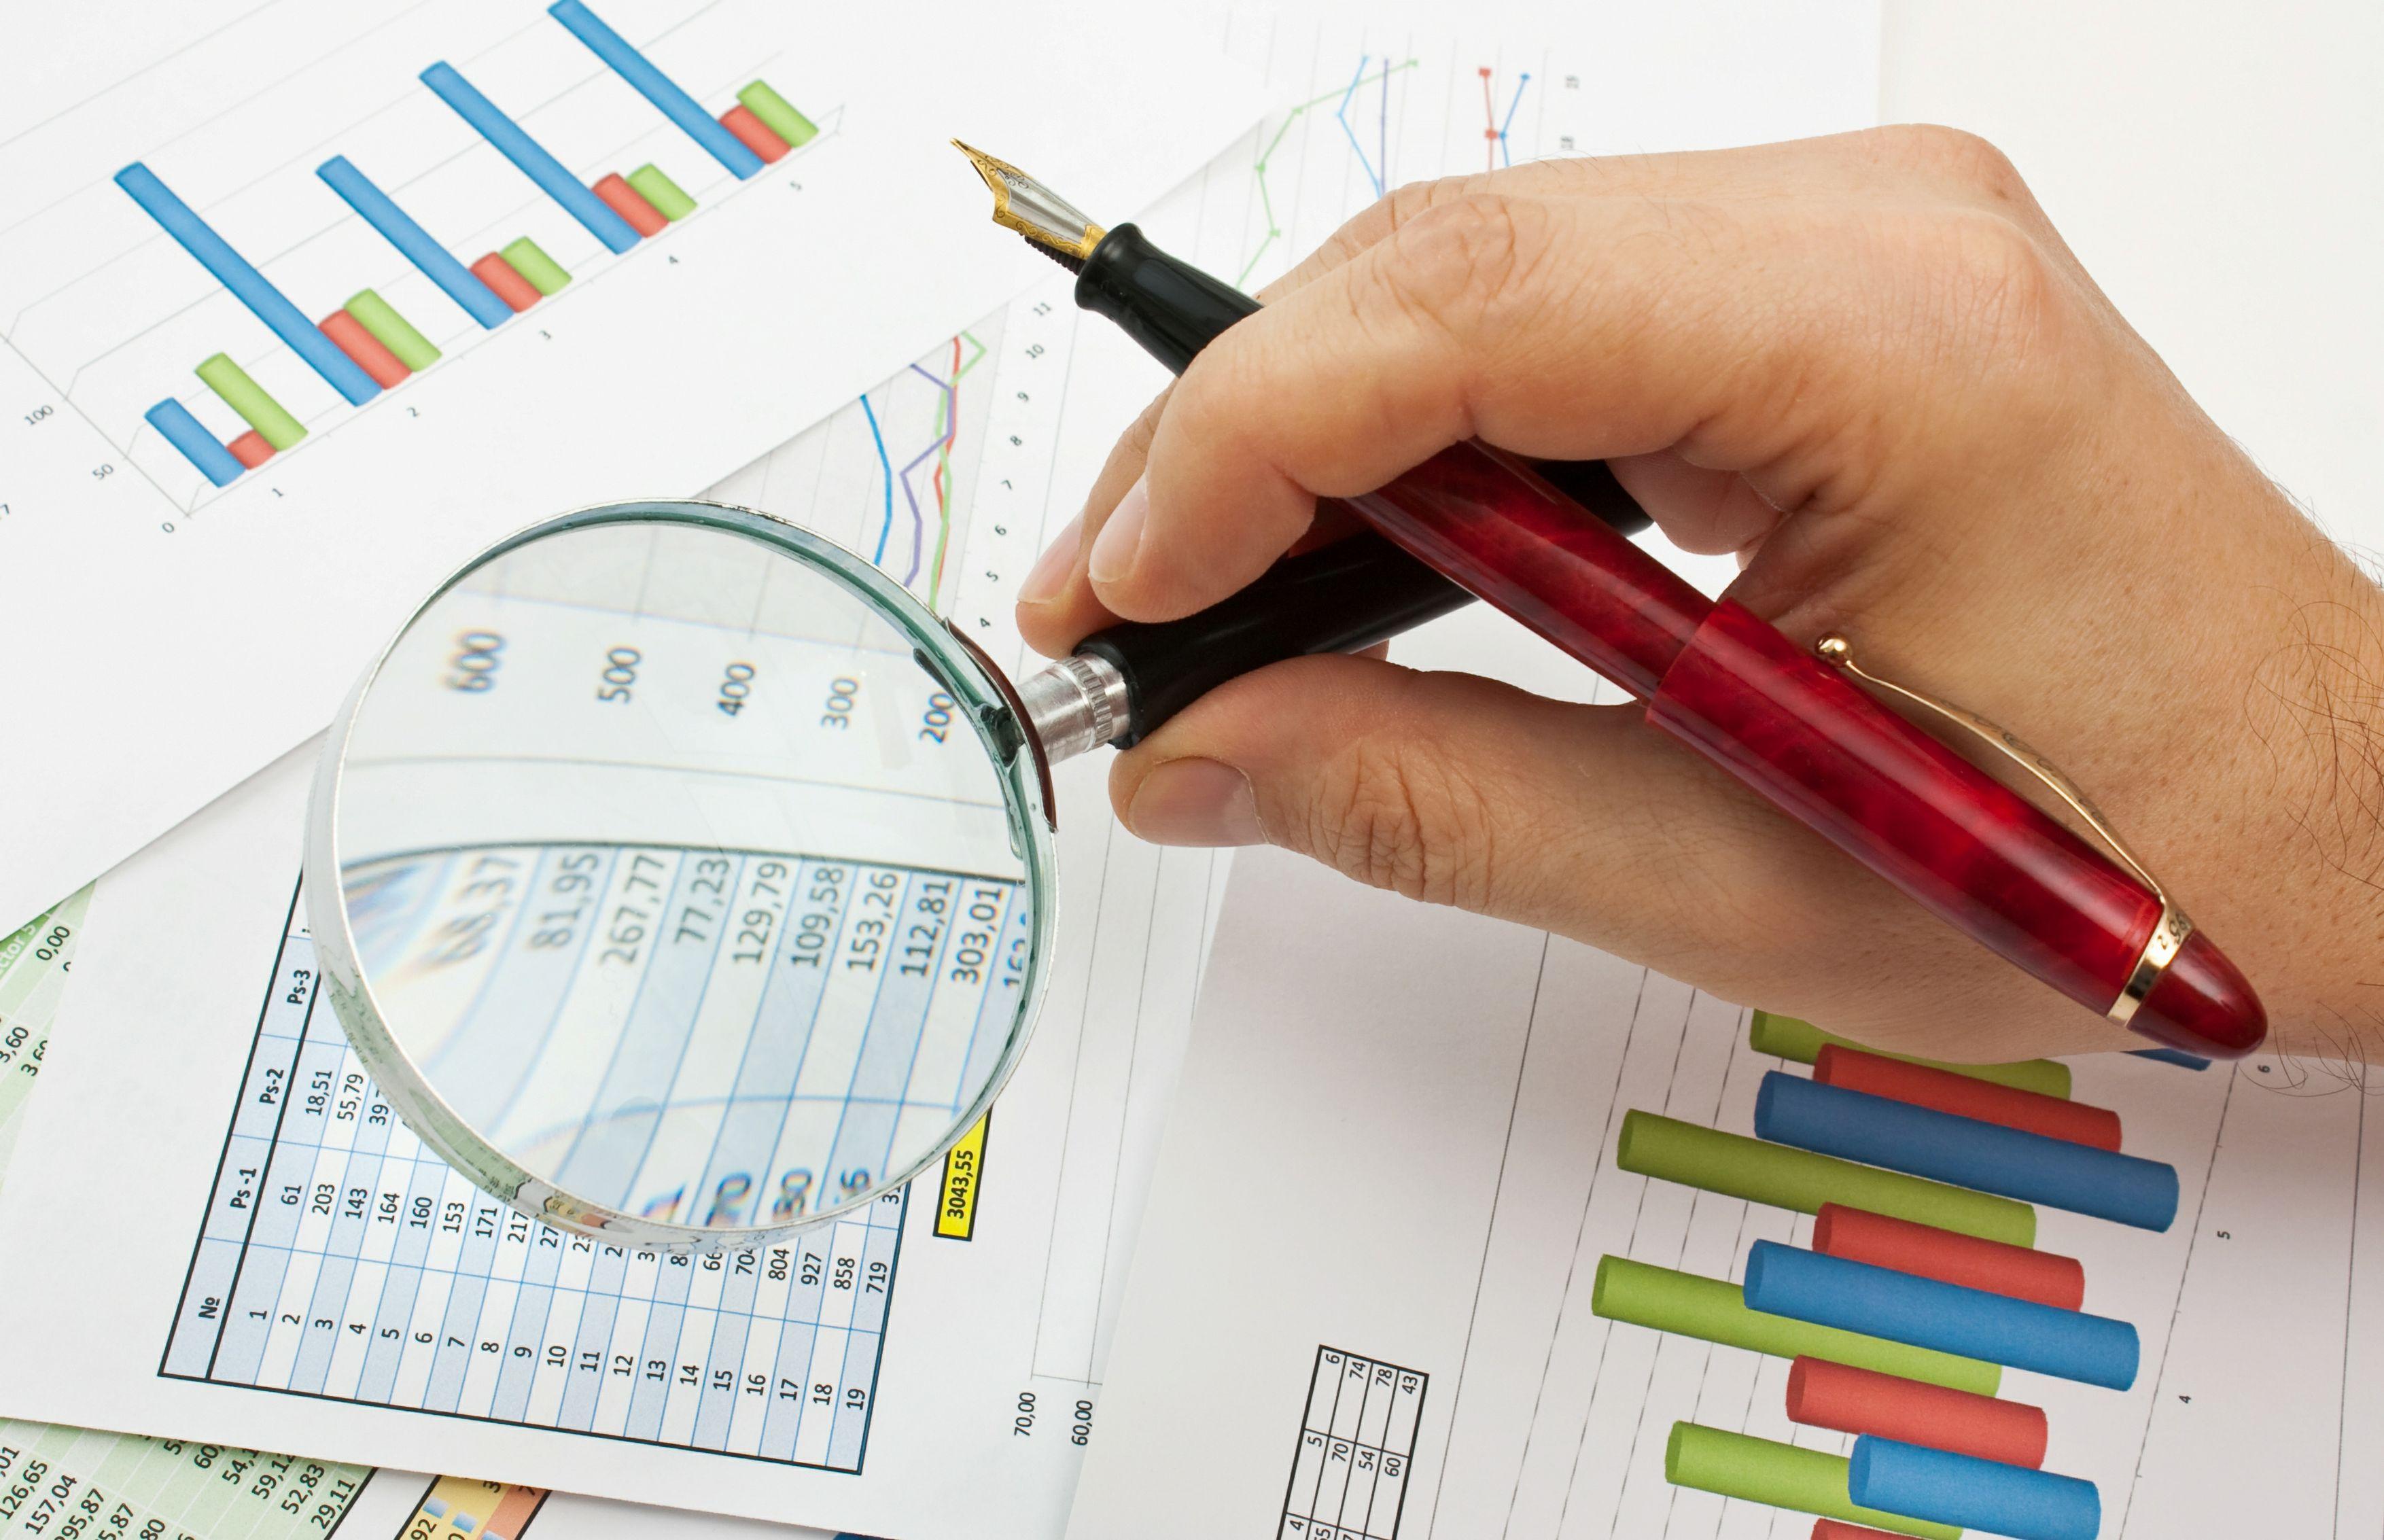 格隆汇港股聚焦(9.20)︱ 金粤控股年度净利同比增9.15%至4257.9万港元 深圳控股前8月总合同销售额升37.6%至71.65亿元